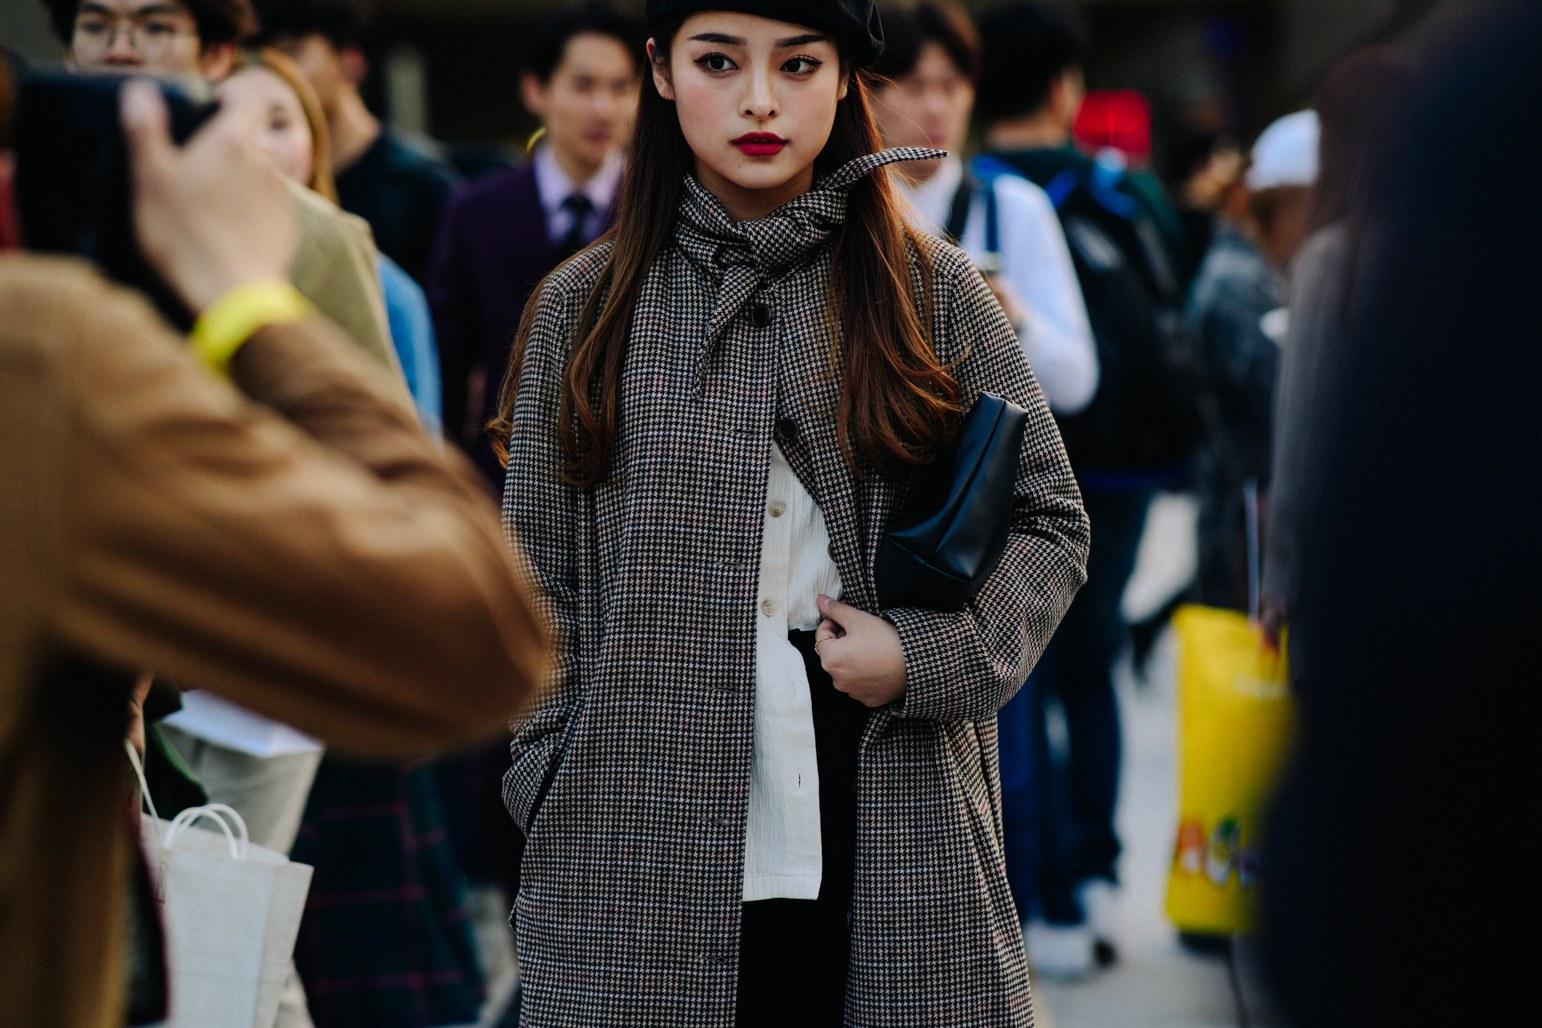 Seoul Fashion Week: Riêng về street style, giới trẻ Hàn nào có thua kém các ngôi sao nổi tiếng - Ảnh 11.